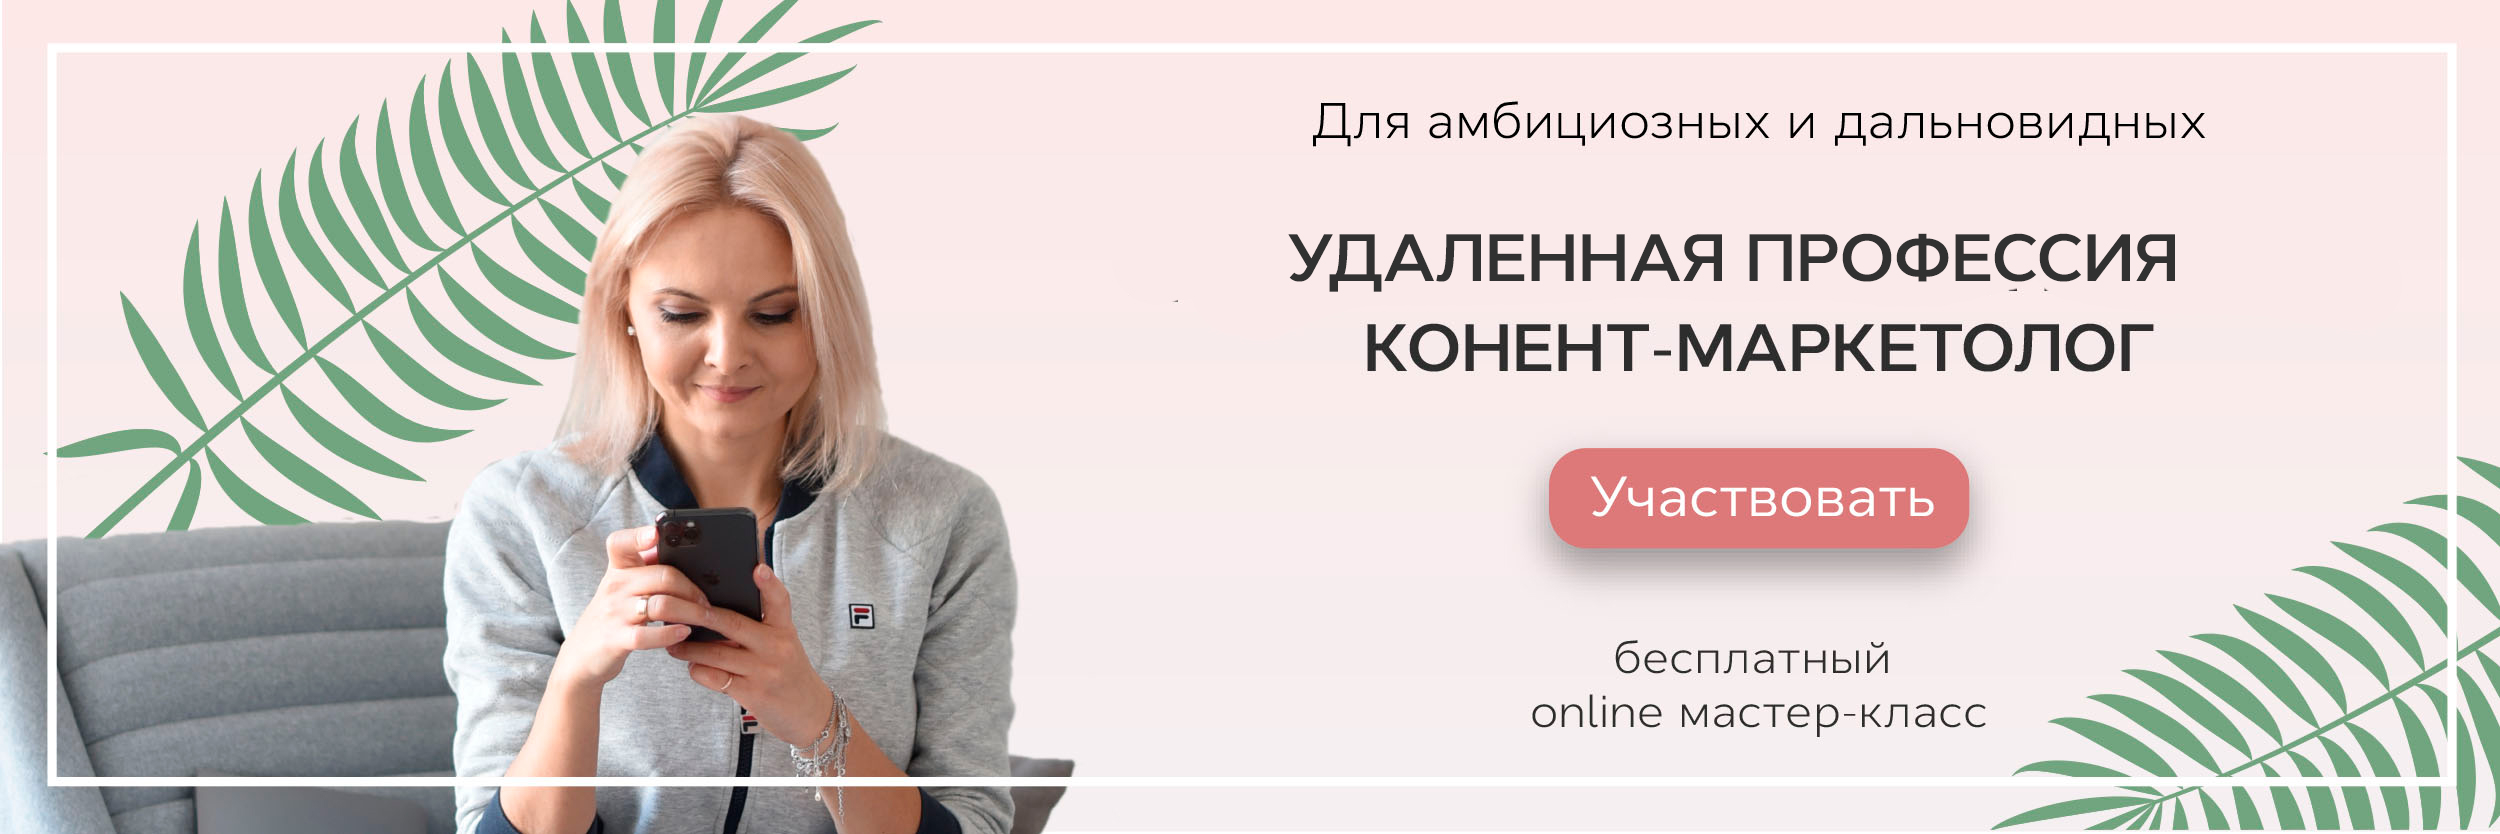 Онлайн курс по профессии контент-маркетолога